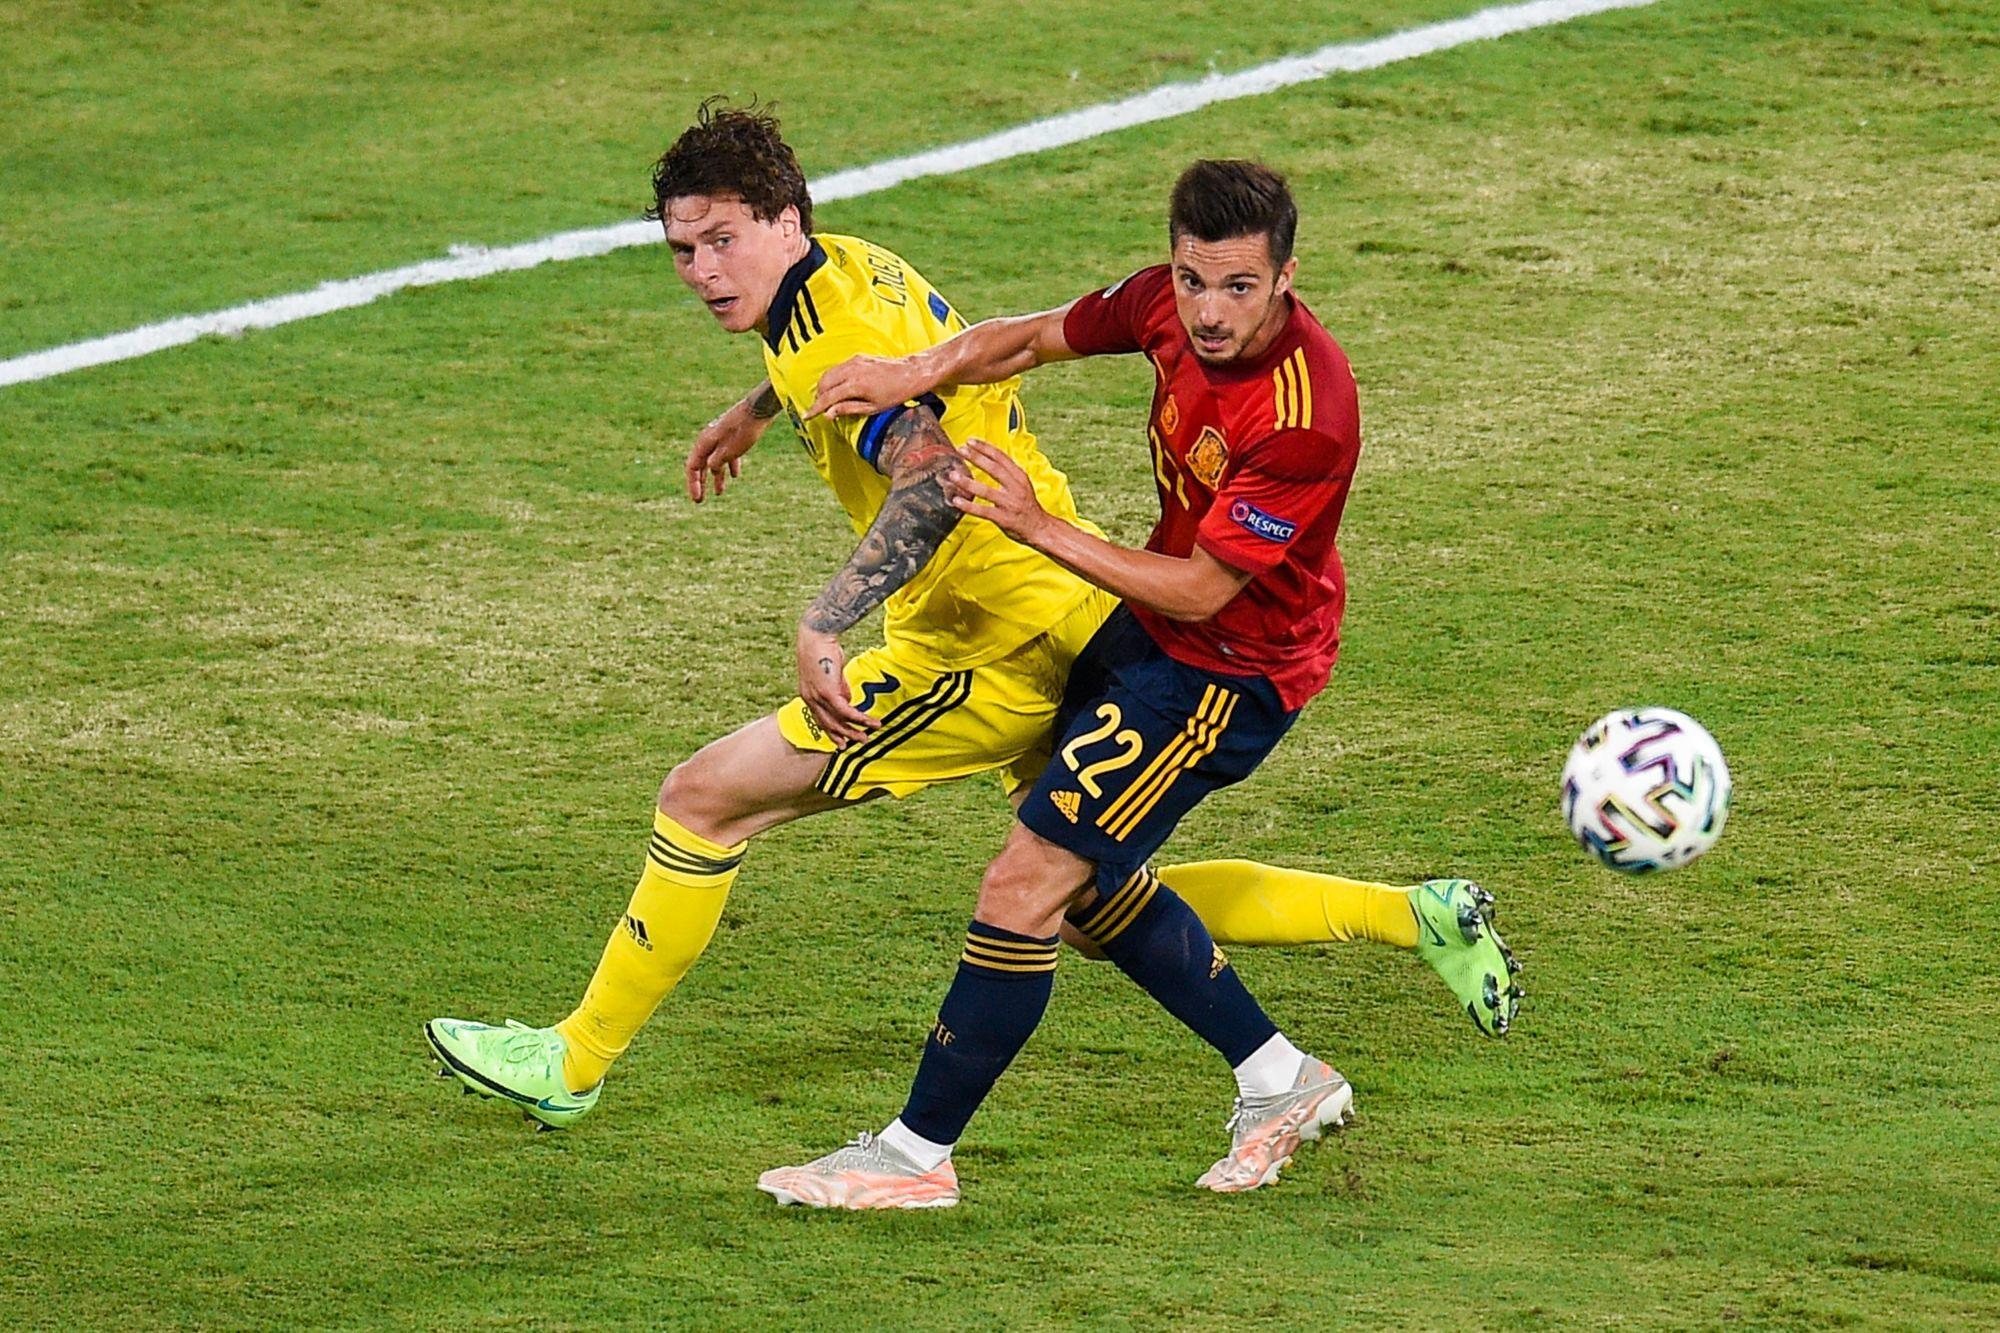 Espagne/Pologne - Les équipes officielles : Sarabia remplaçant